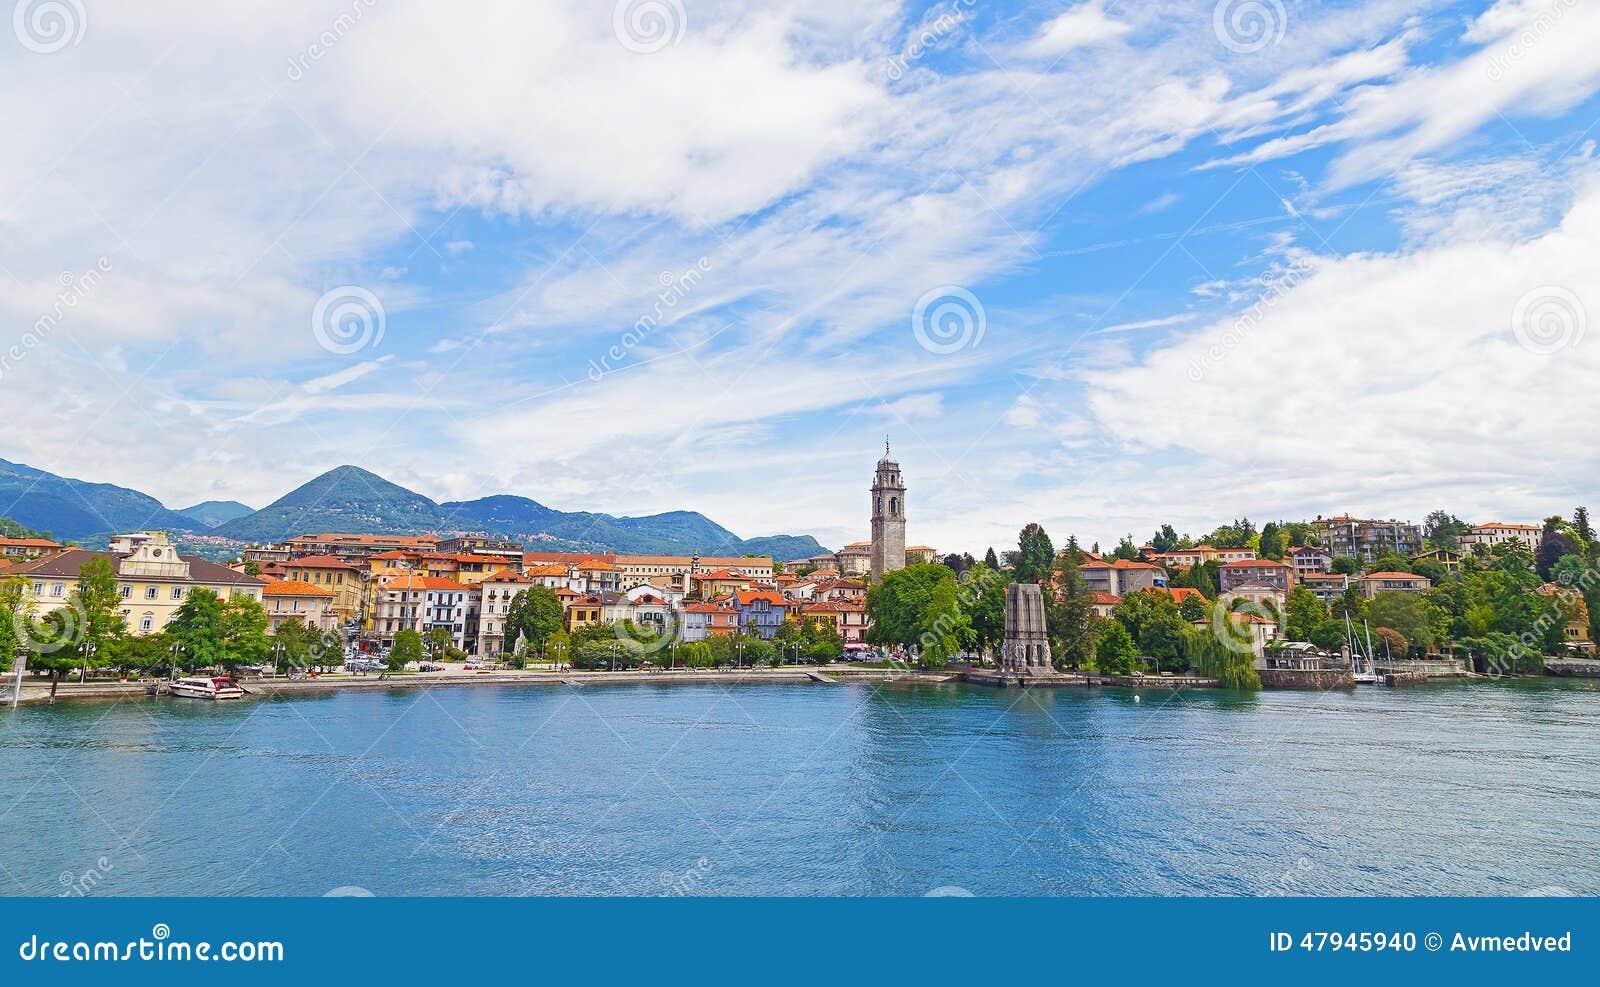 Un bord de mer de ville et un paysage suburbain sur le lac for Paysage de ville